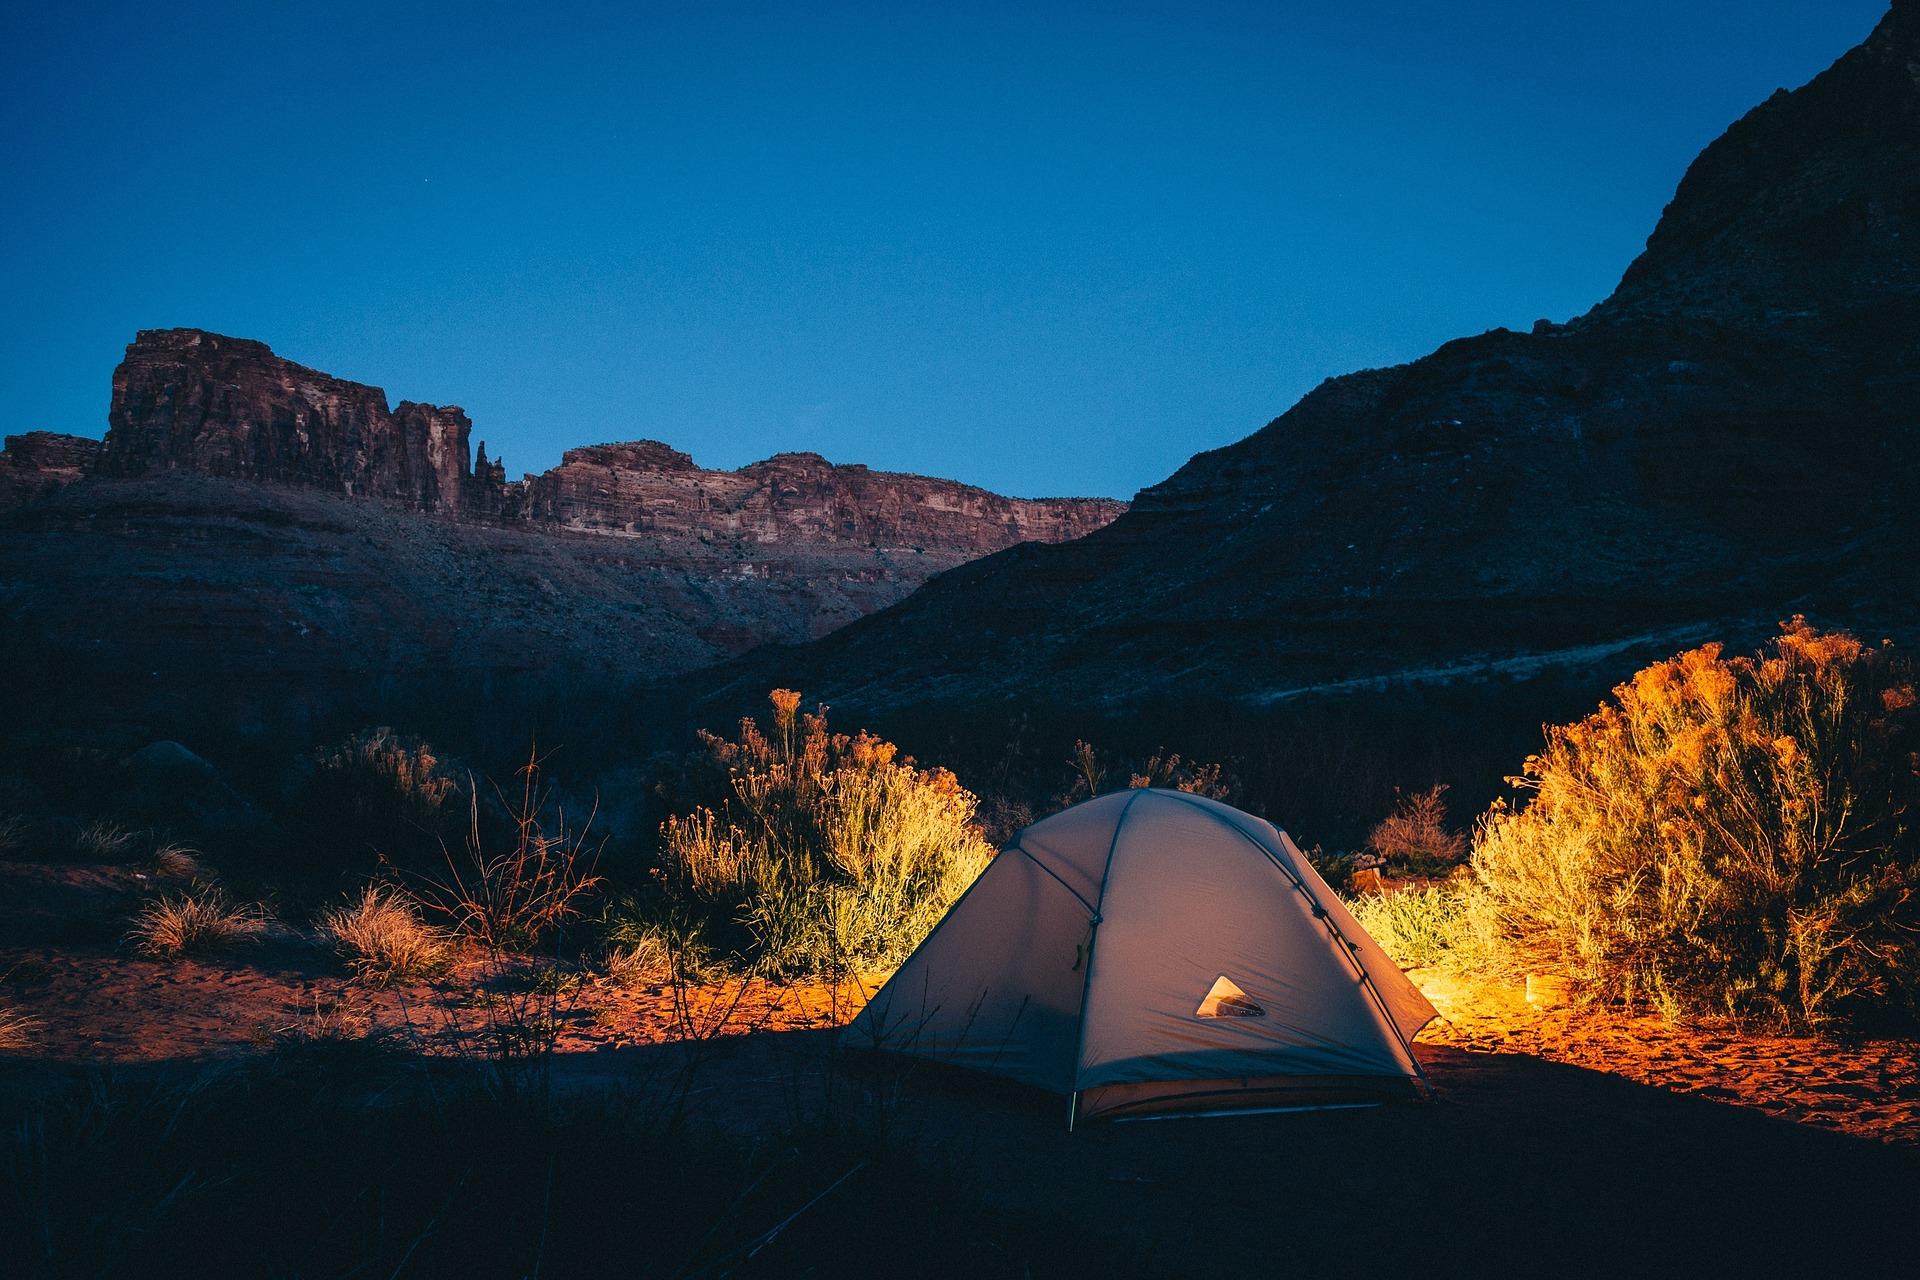 Beleuchtetes Zelt vor Hügelkette in der Nacht